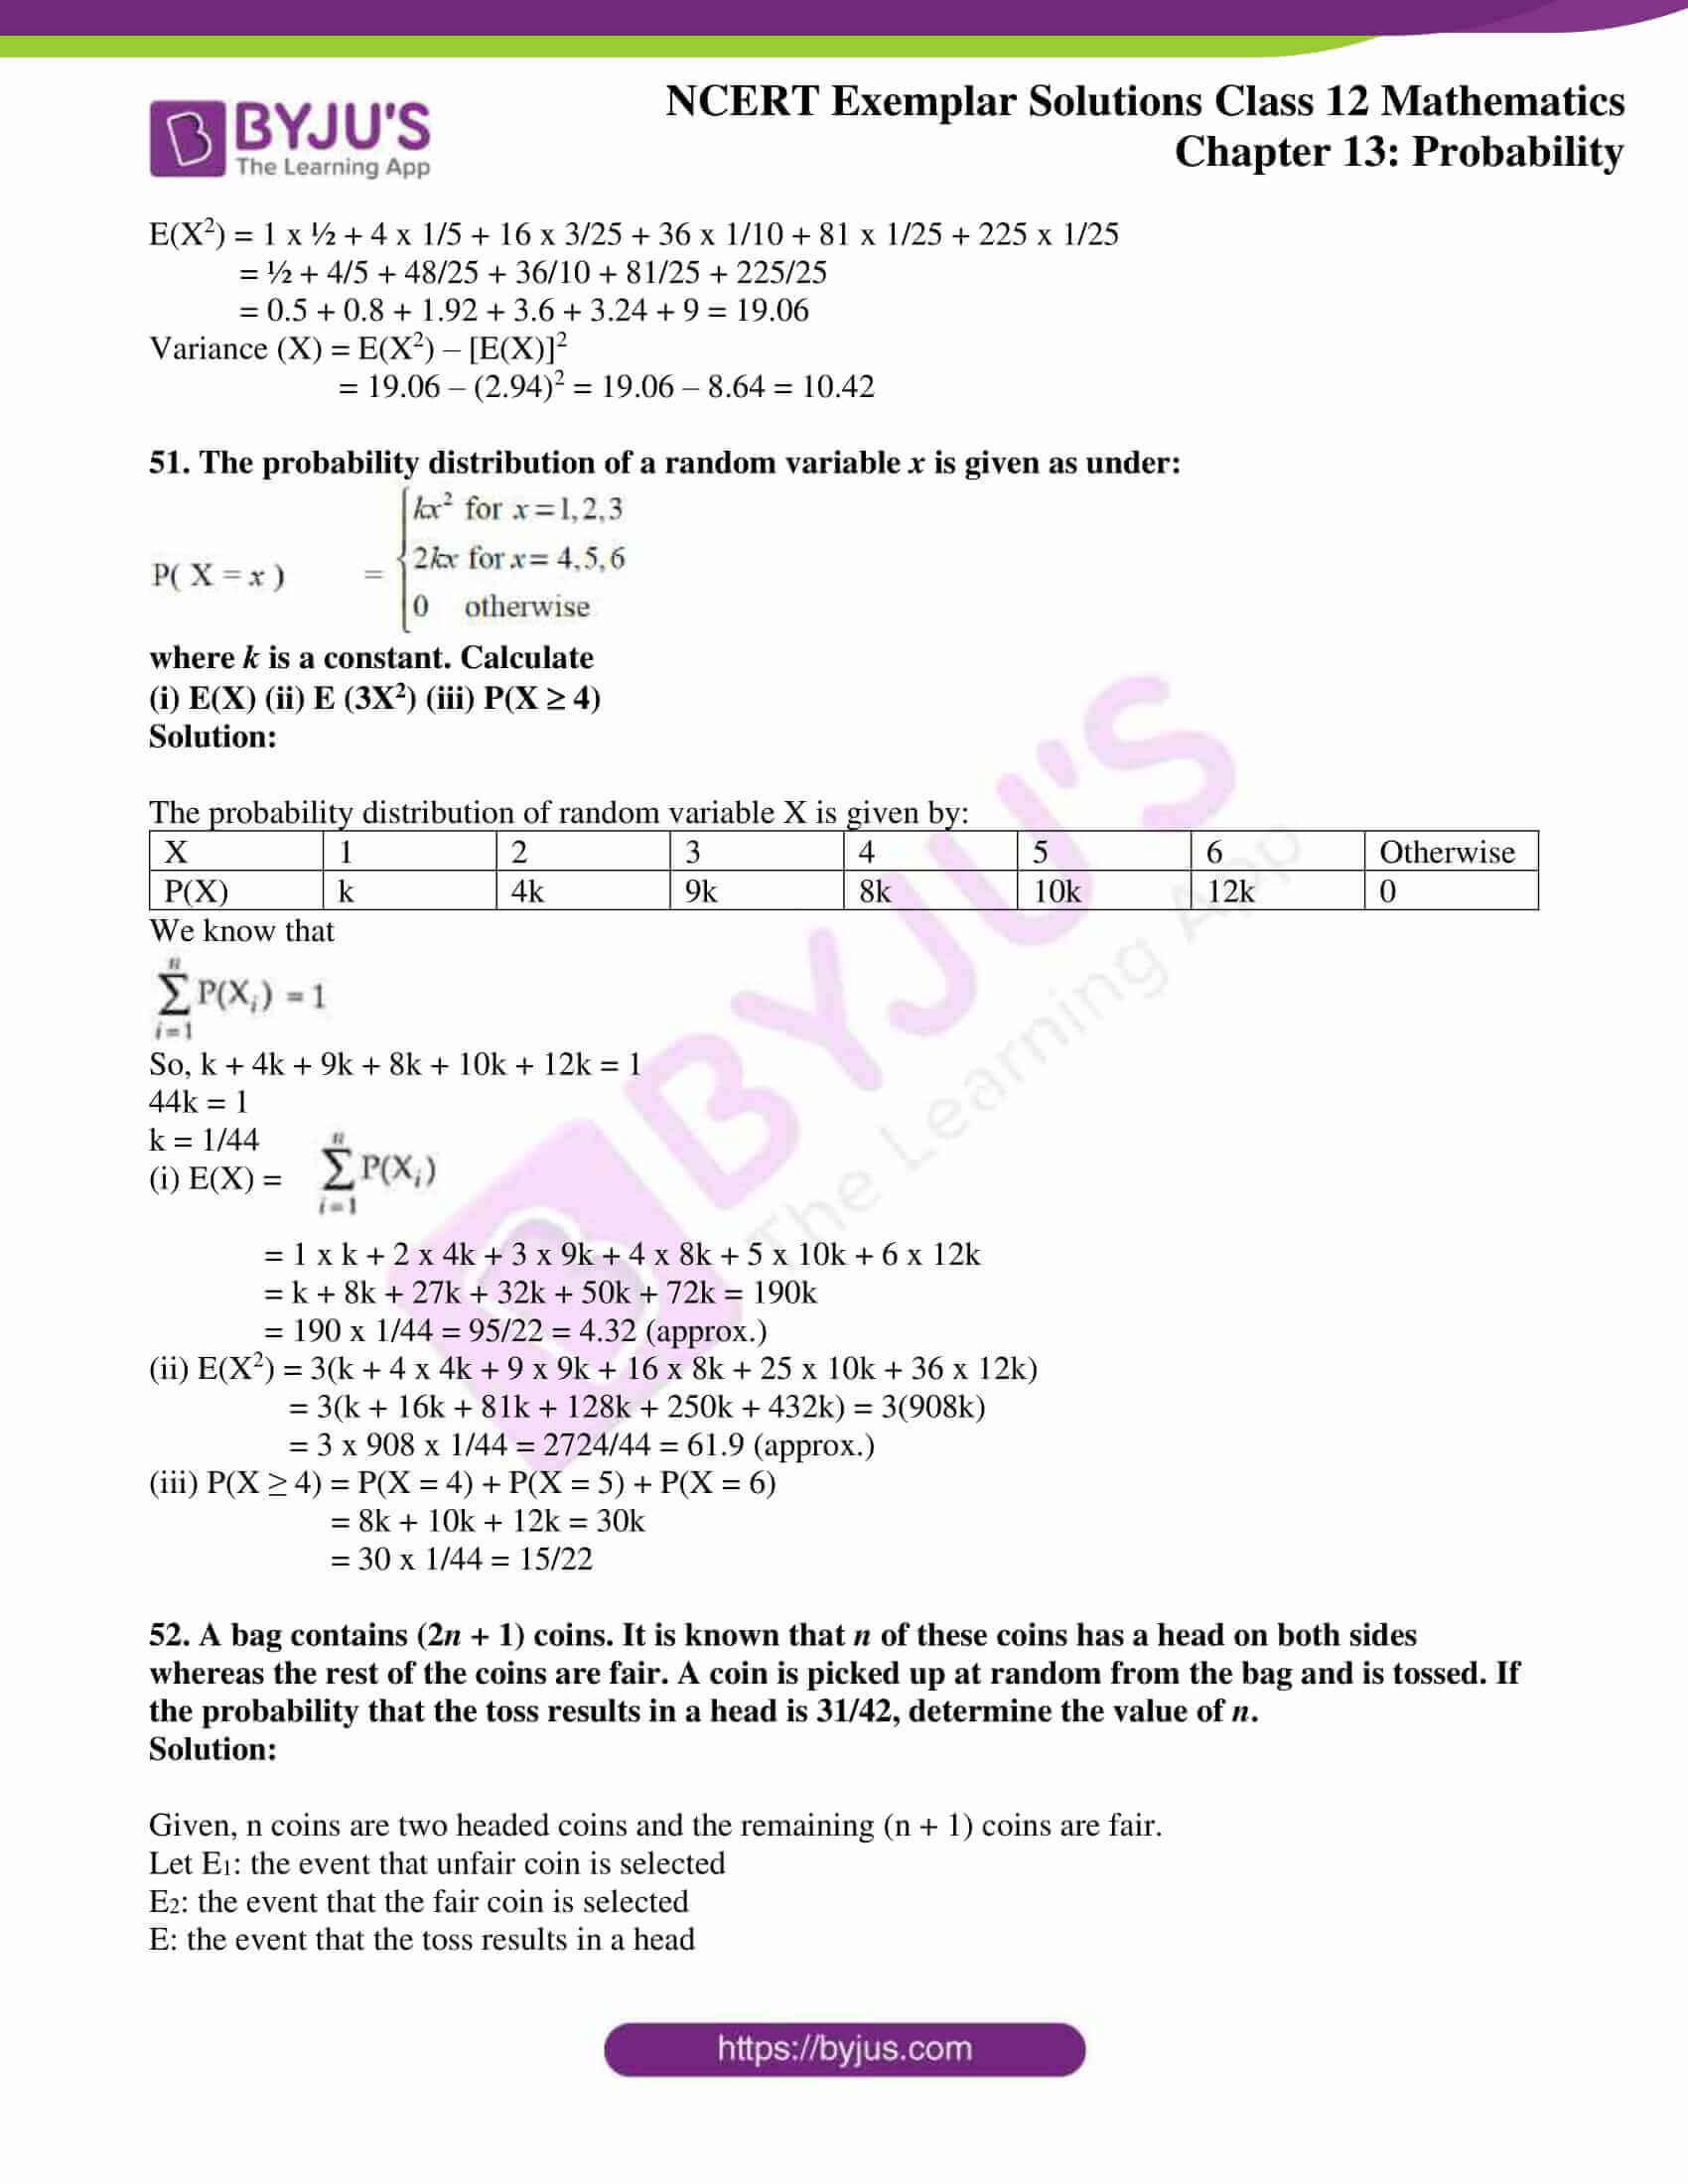 ncert exemplar sol class 12 mathematics chapter 13 24